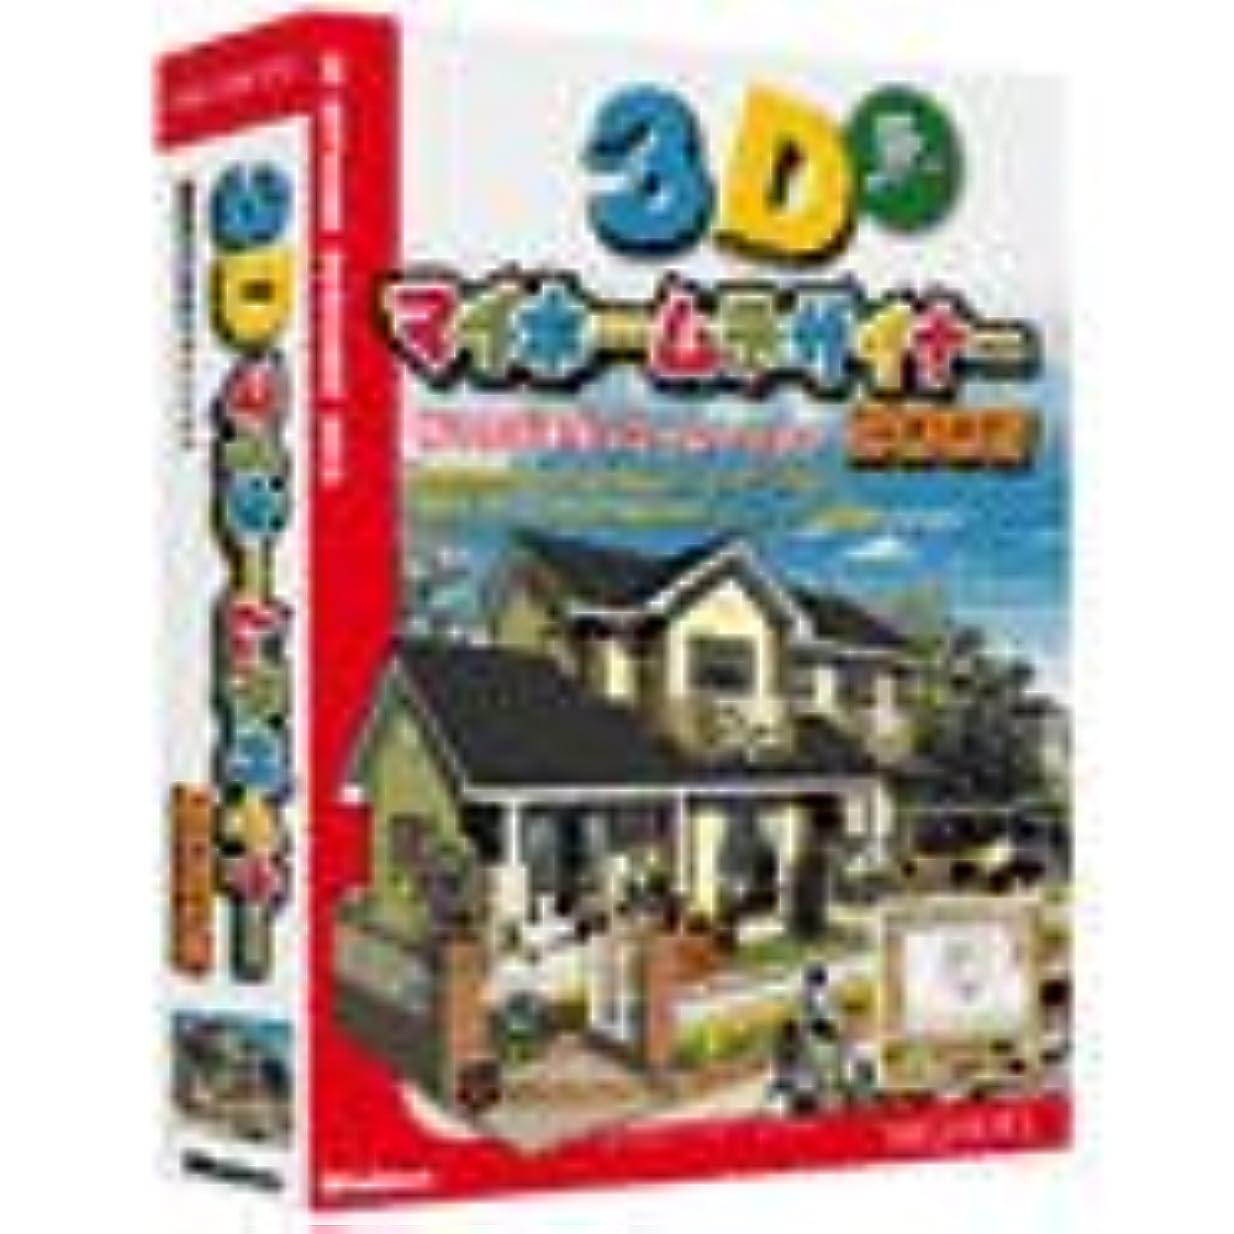 猫背ラップトップカバレッジ3Dマイホームデザイナー 2002